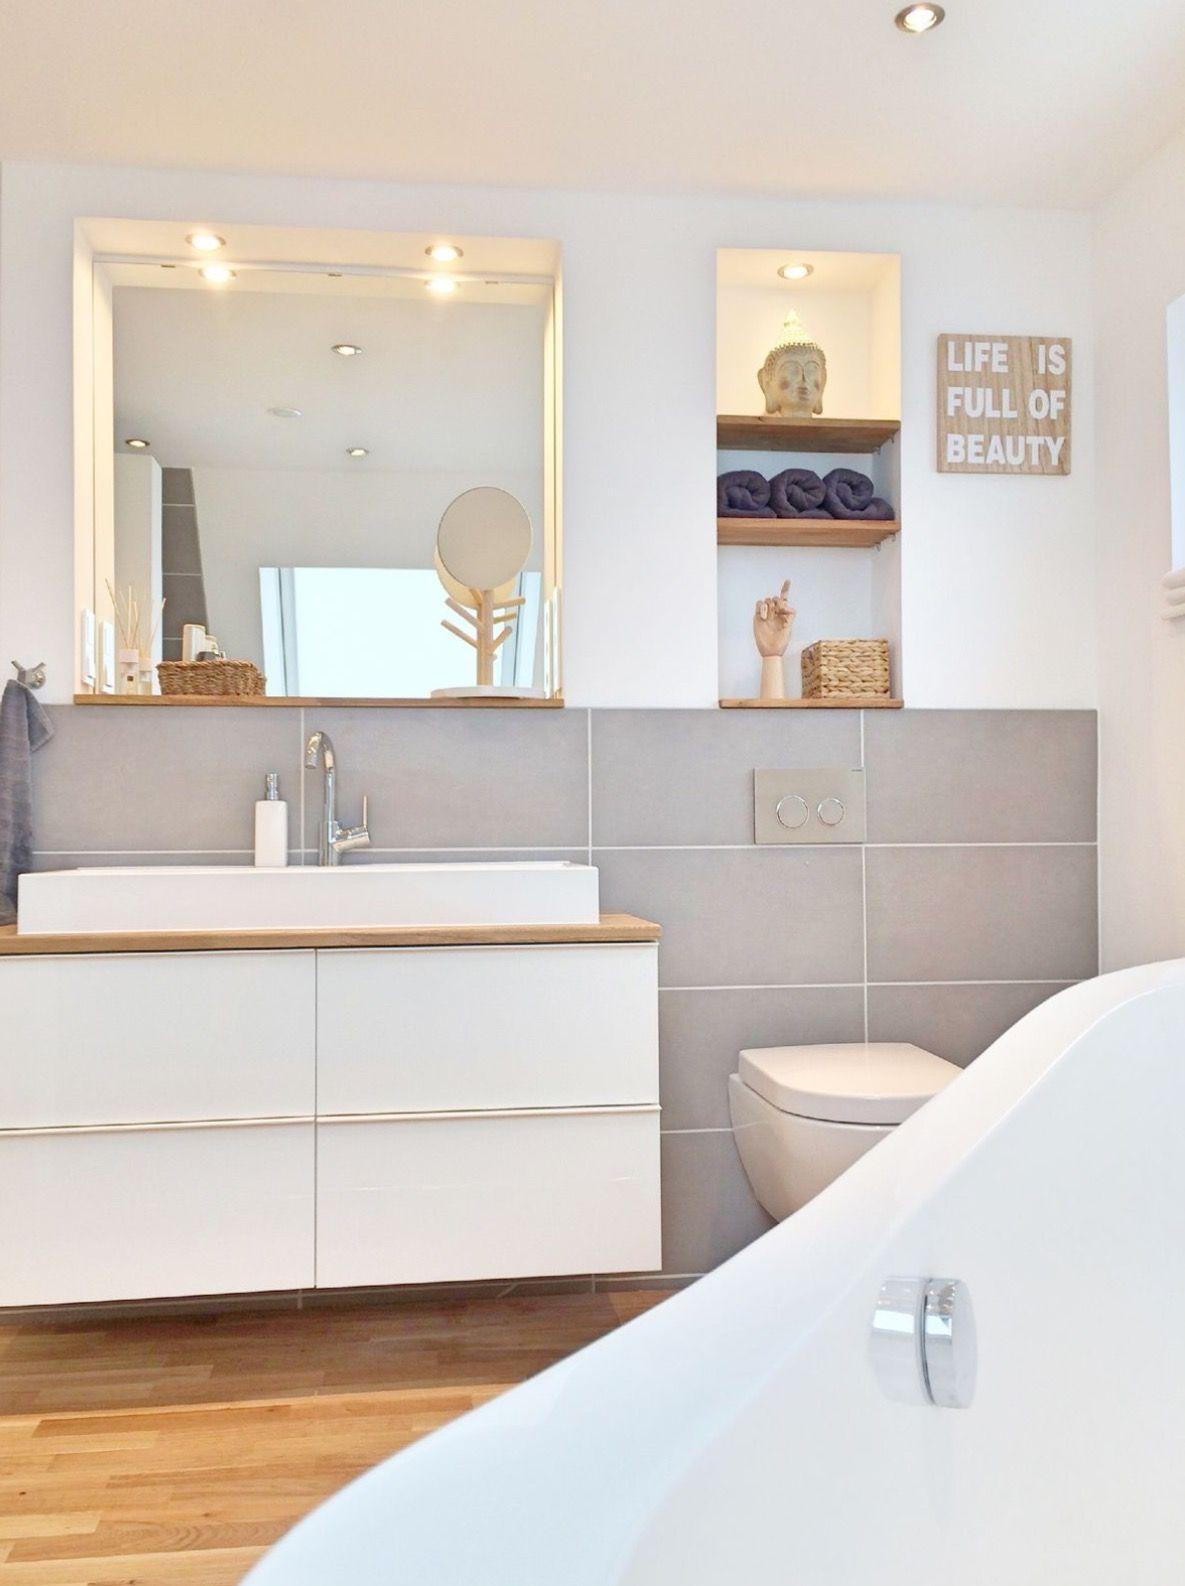 Badezimmer ideen klein grau pin von mara harderberger auf badezimmer  pinterest  badezimmer